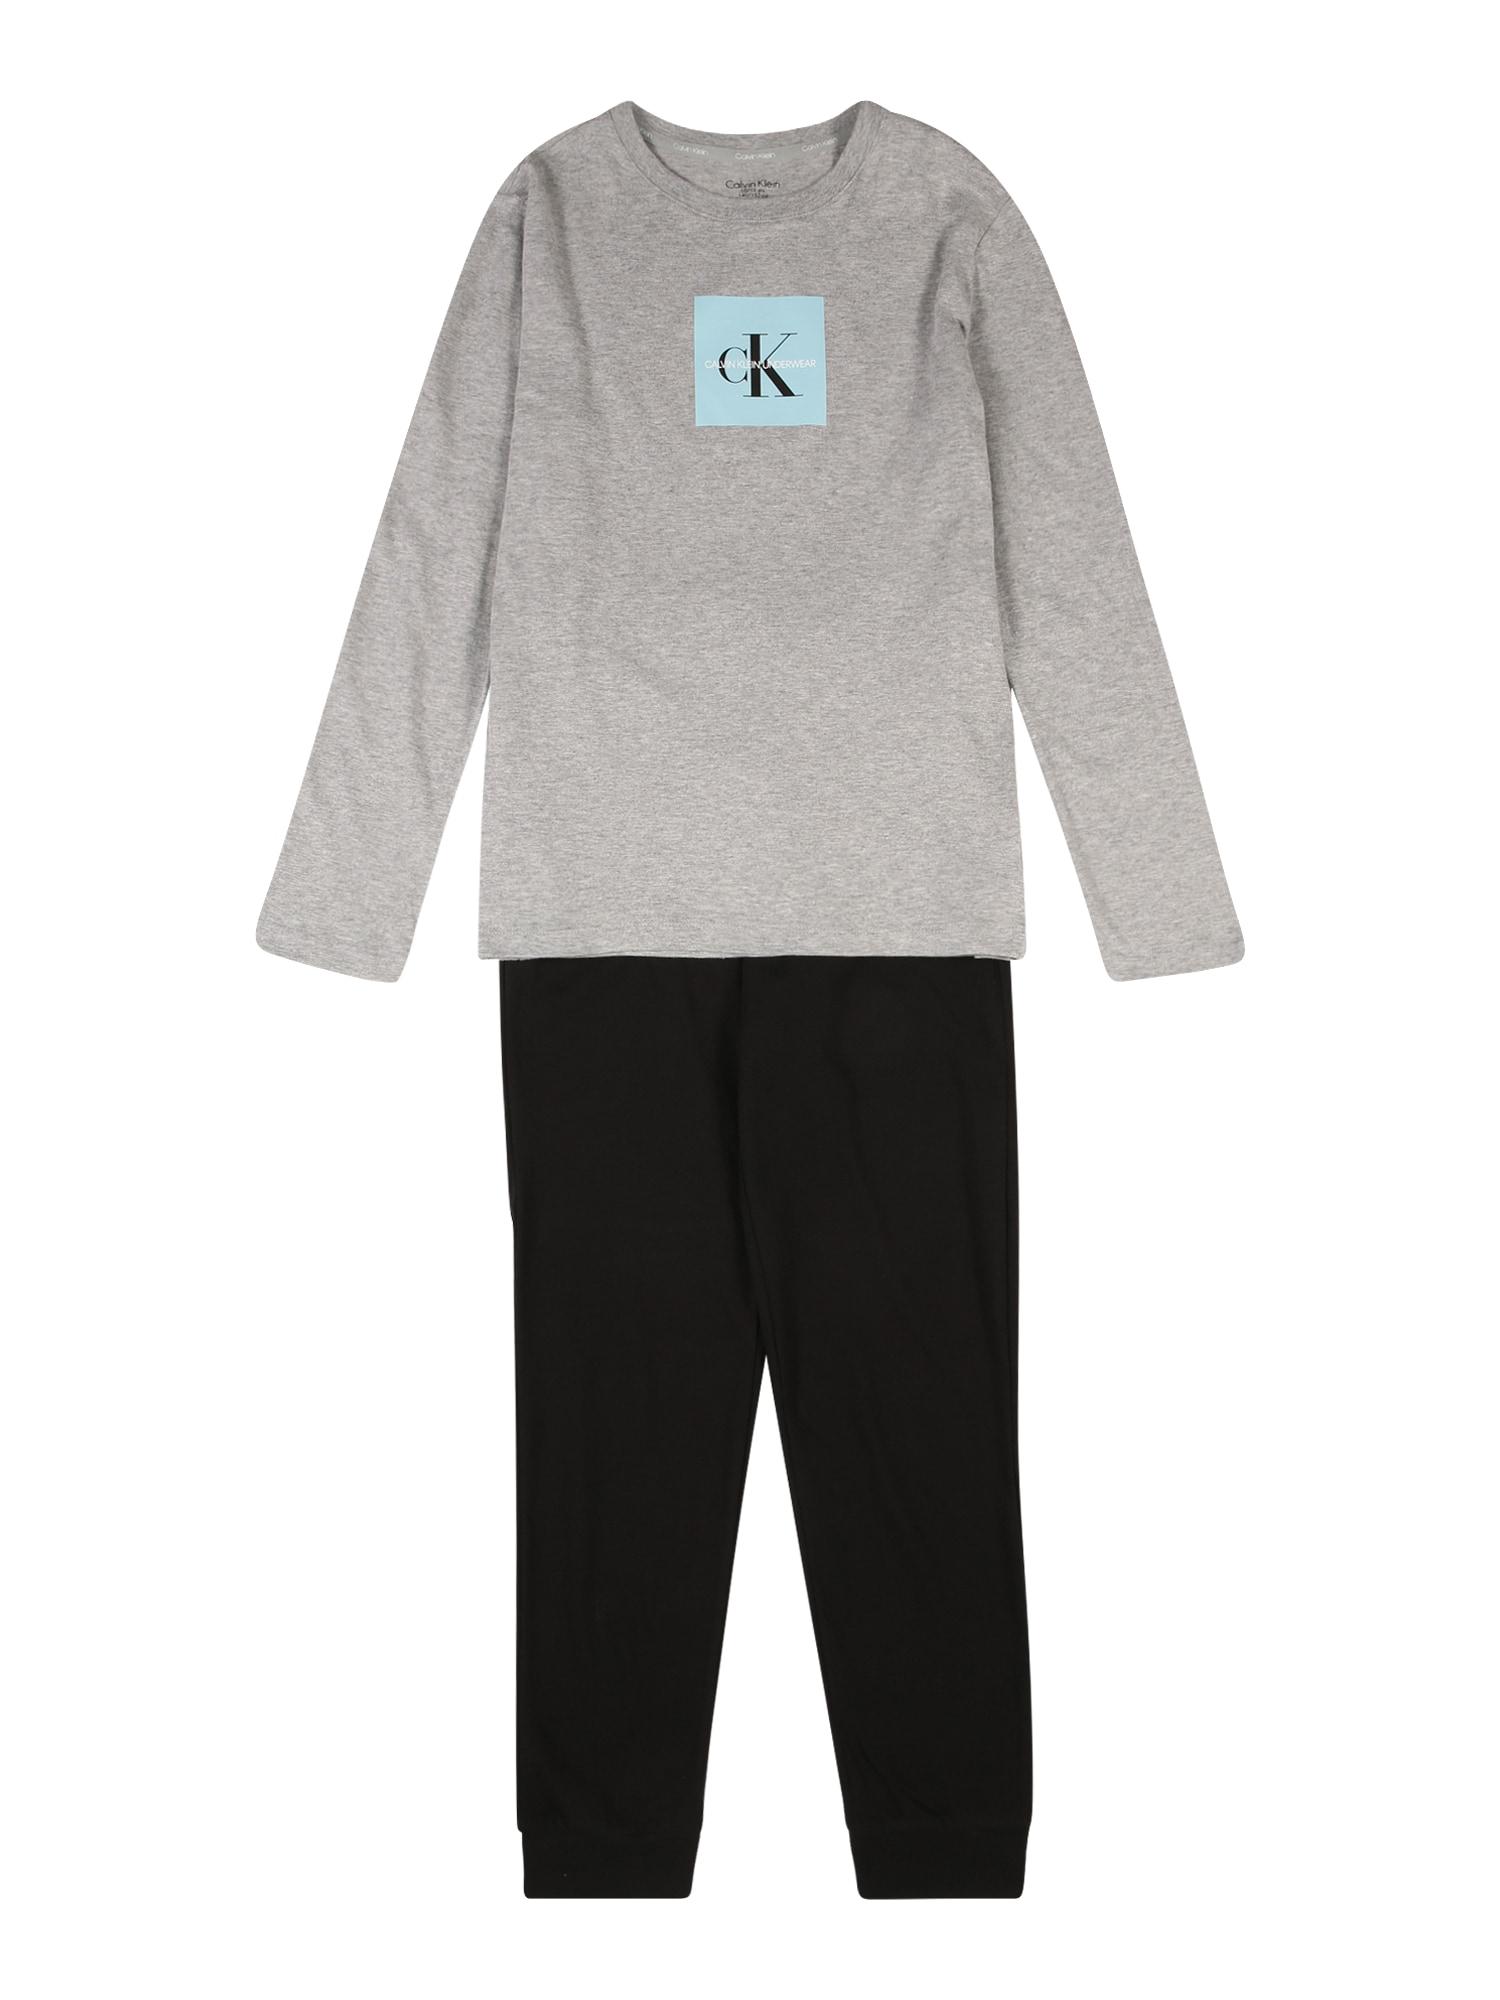 Calvin Klein Underwear Prádlo-souprava  šedý melír / černá / světlemodrá